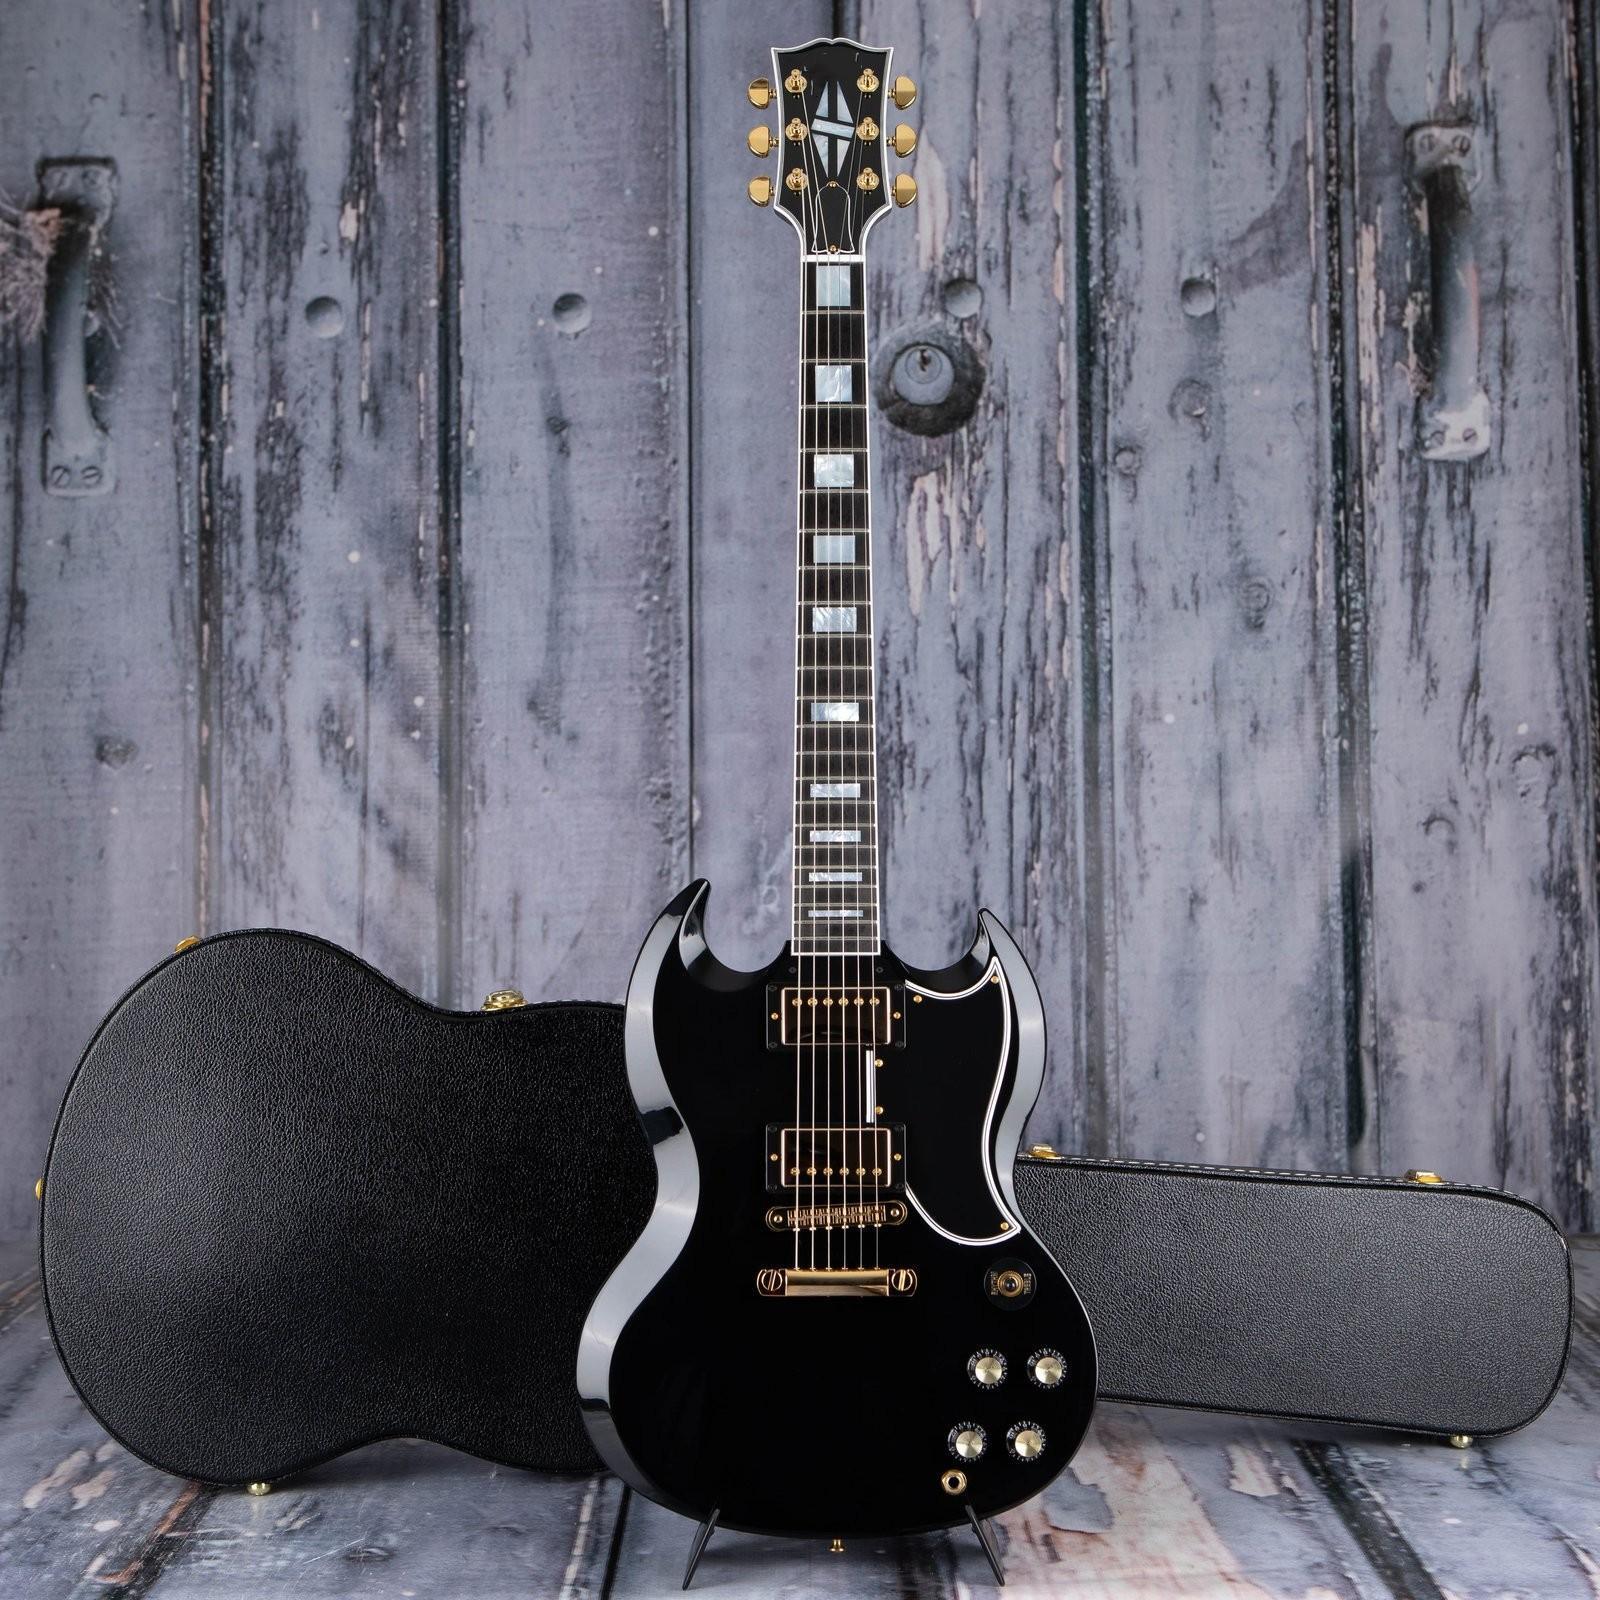 الجملة SG مخصص 2-pickup، خشب الأبنوس 6 سلاسل SG الغيتار الكهربائي، الجسم الماهوجني الصلب، الأجهزة الذهبية، التوصيل المجاني